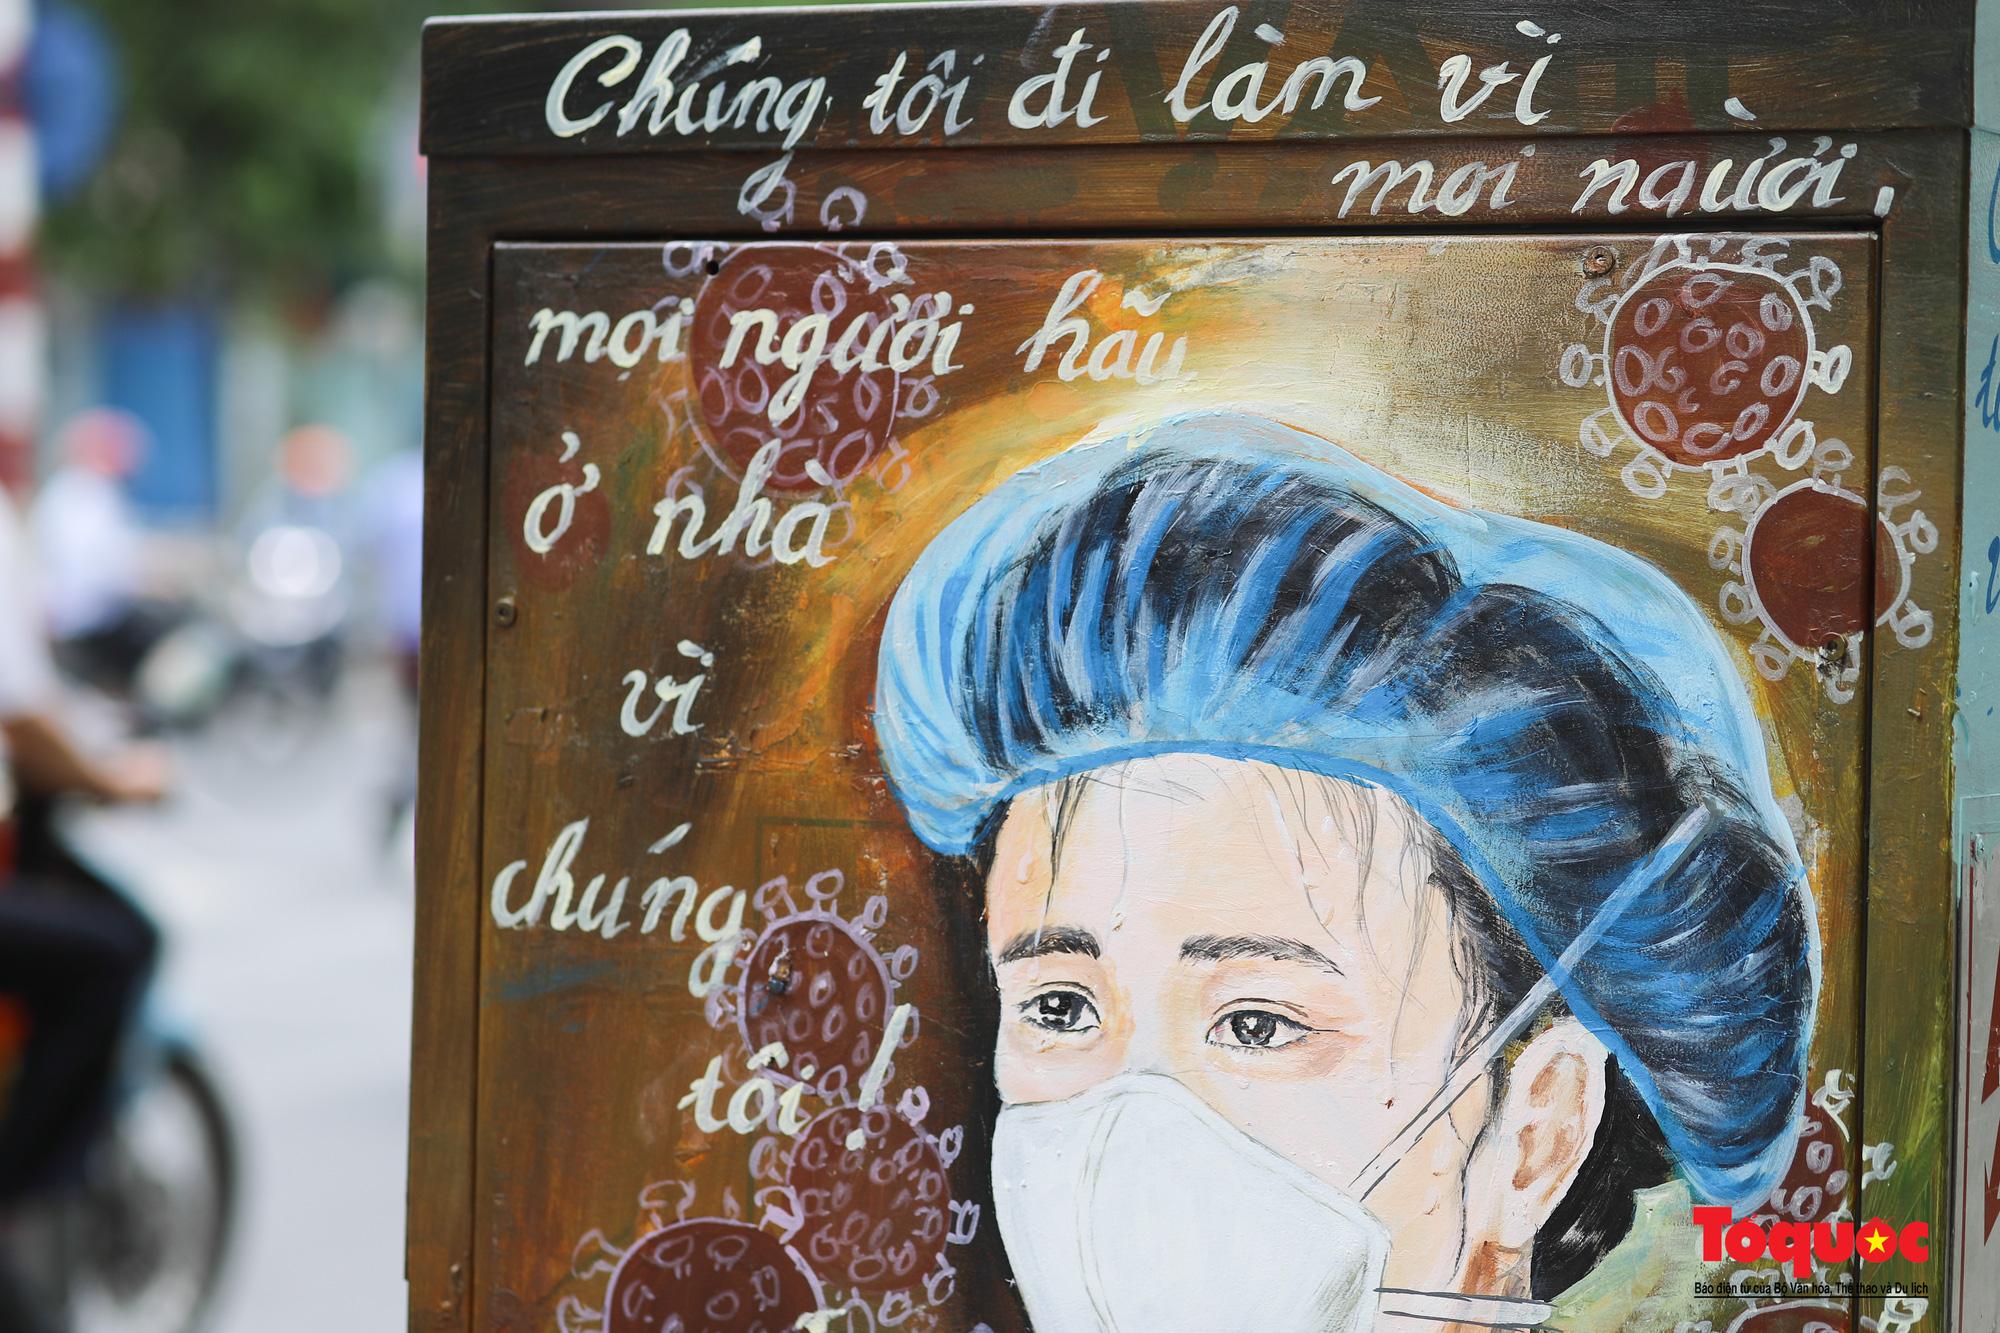 Pano, hình ảnh cổ động phòng chống dịch COVID-19 trên khắp đường phố Hà Nội - Ảnh 15.